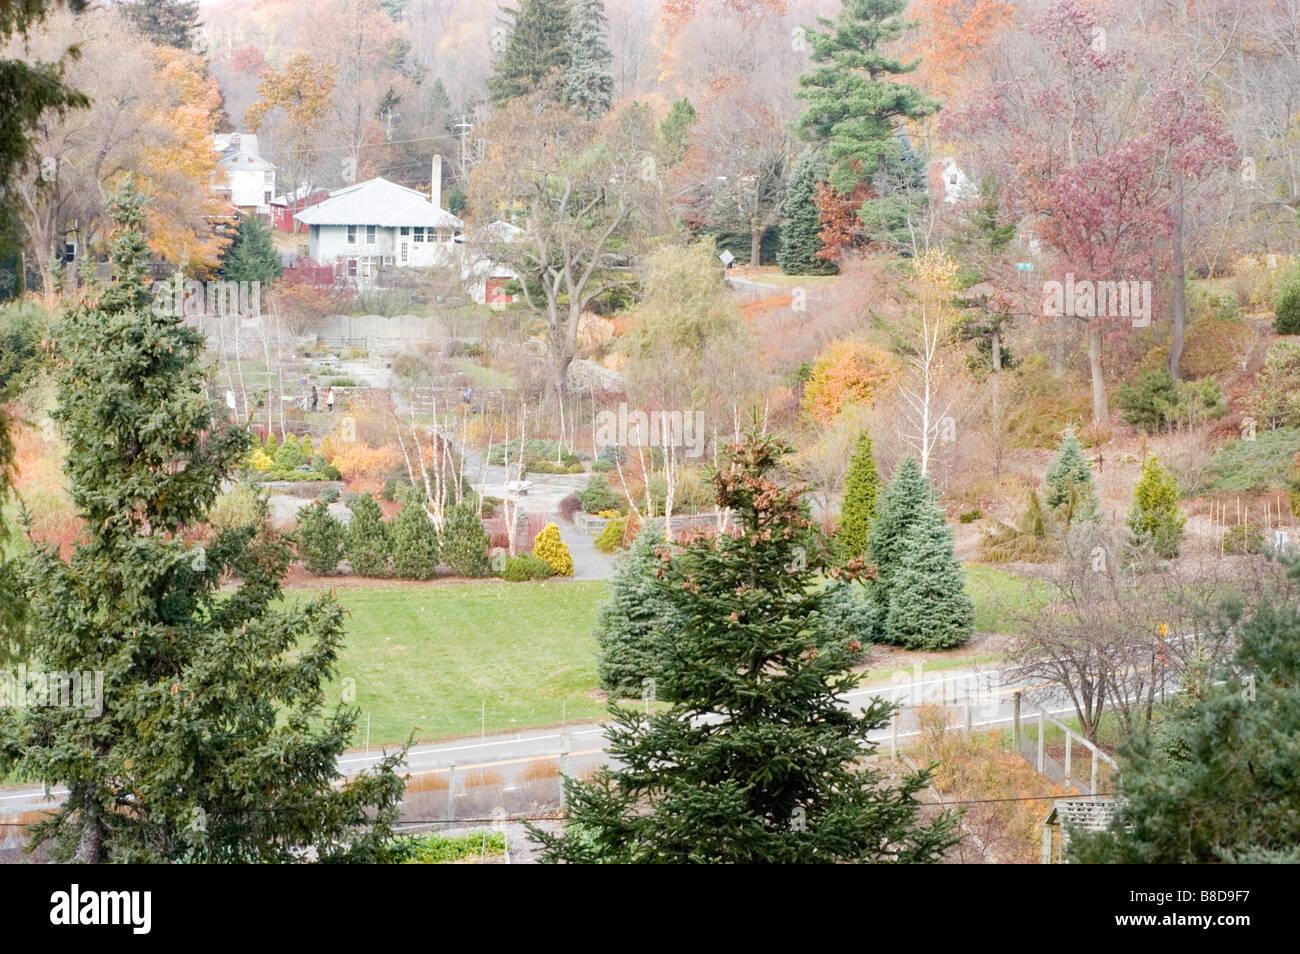 Jardín Botánico de plantaciones de Cornell en Ithaca, Nueva York, EE.UU. durante el otoño Imagen De Stock